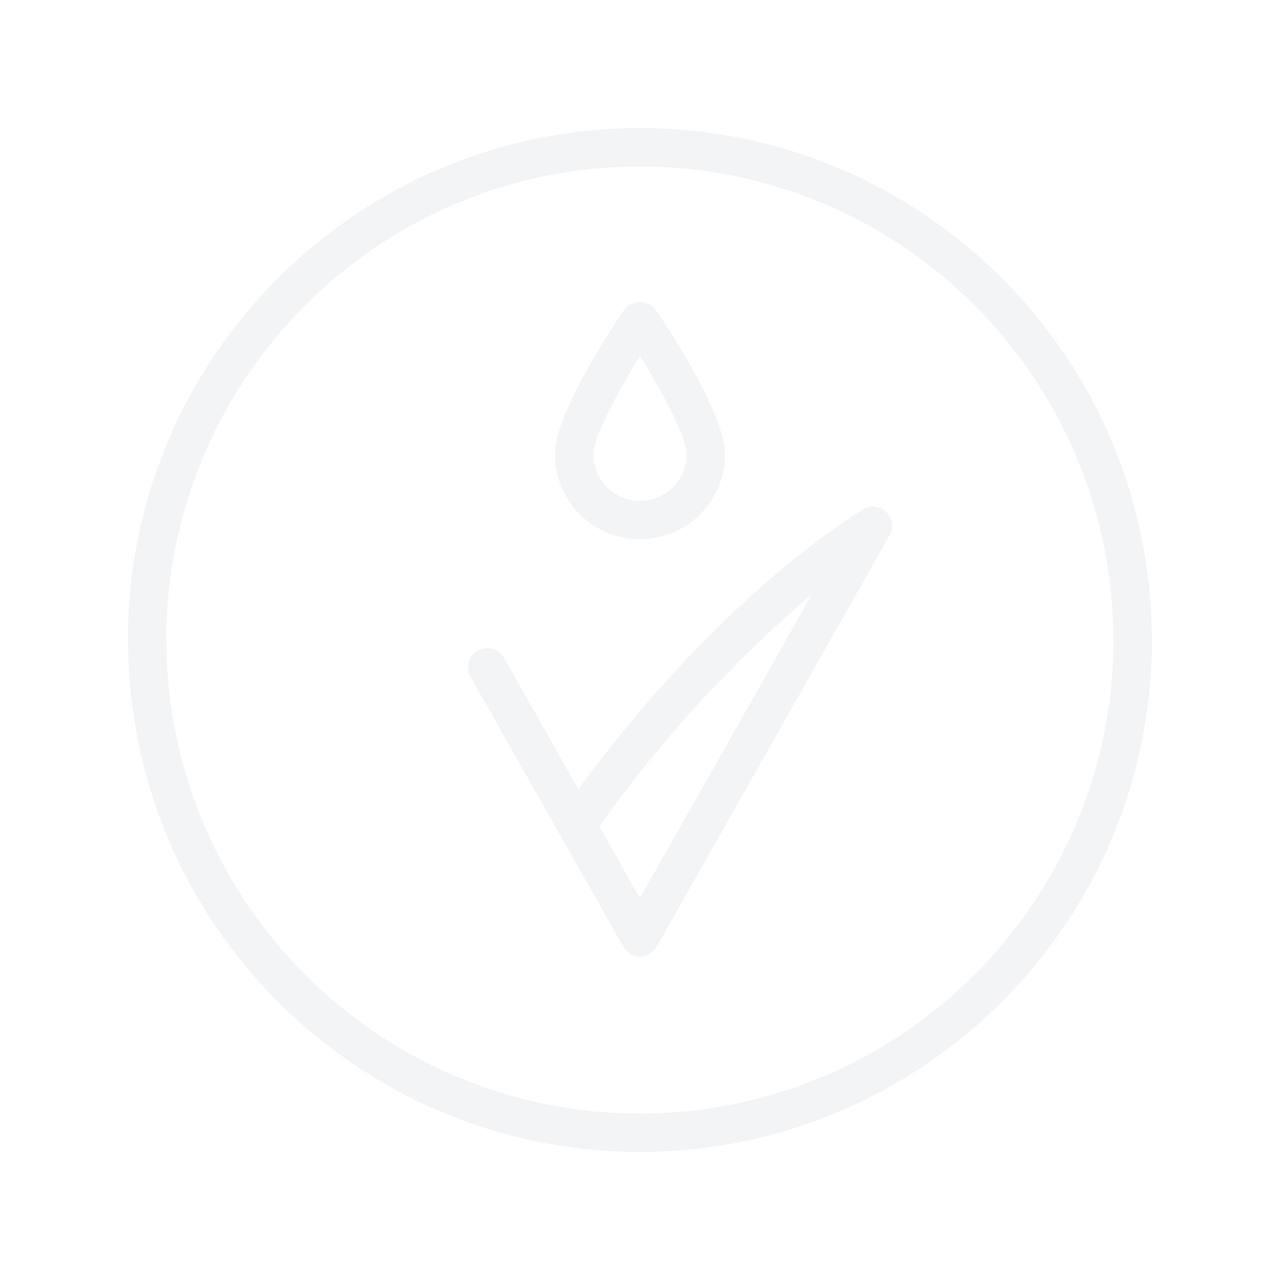 E.L.F. Clay Eyeshadow Palette палетка теней для век 7.5g